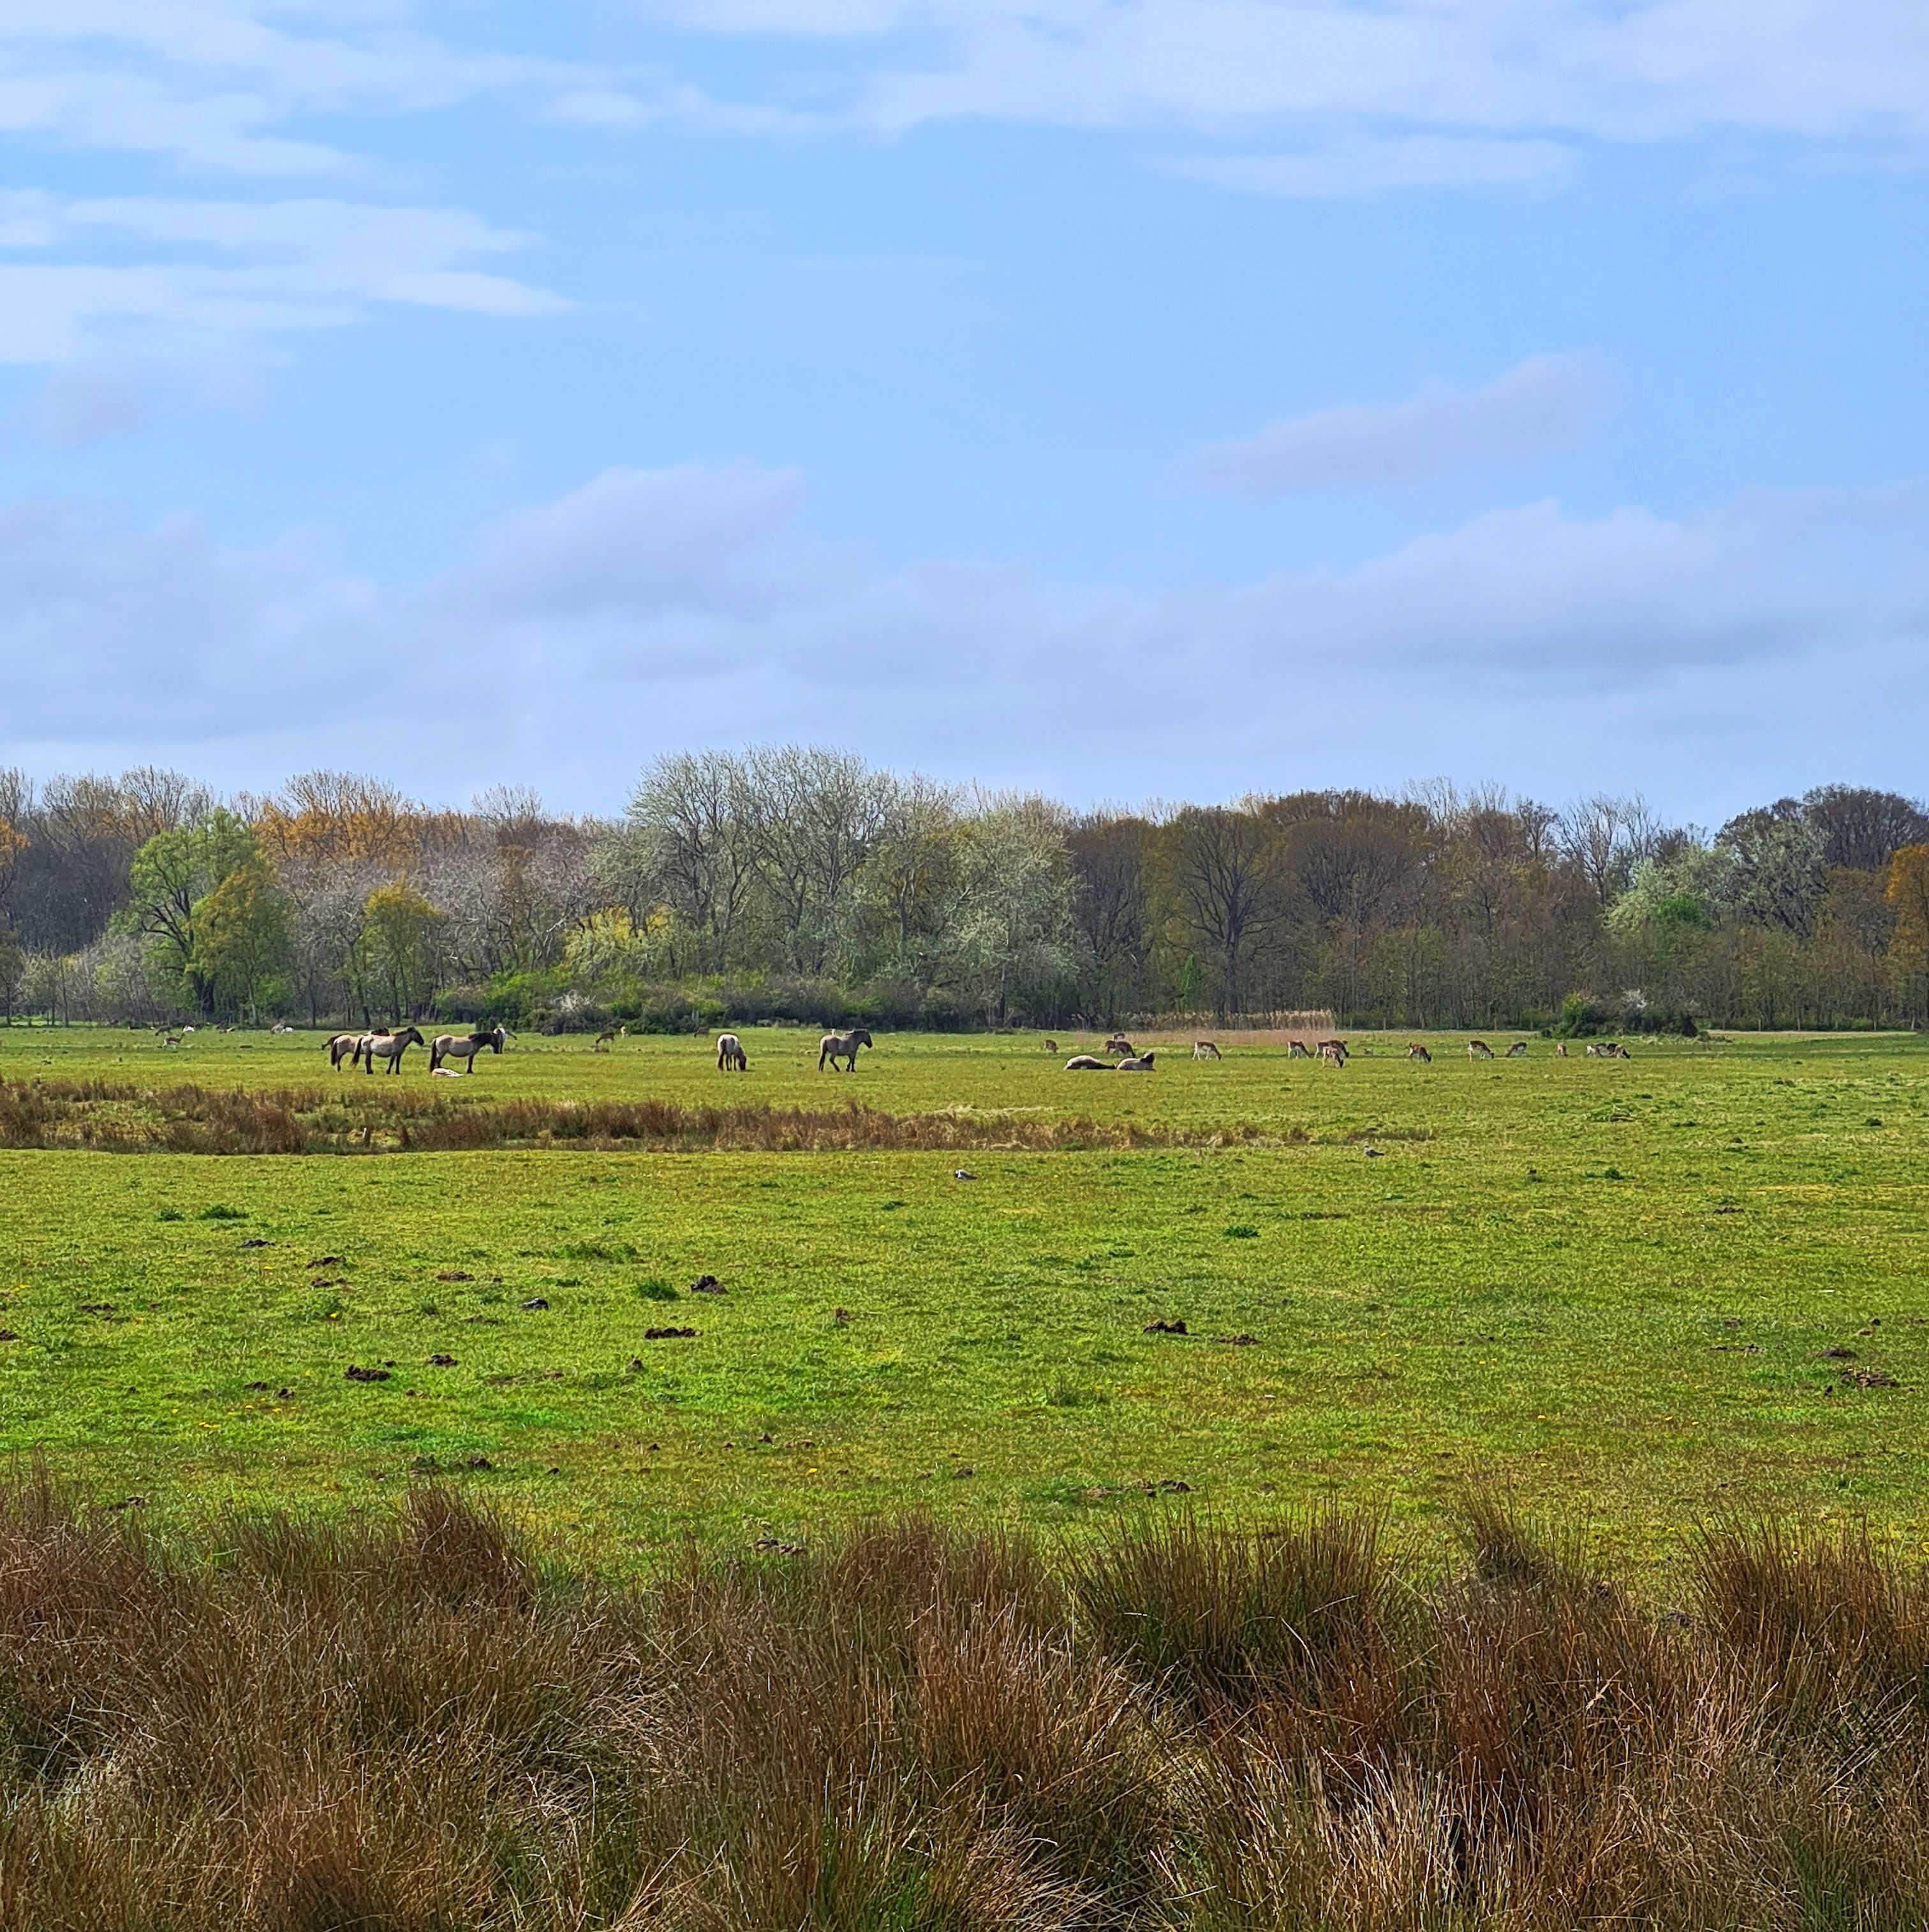 Konikpaarden en hertjes